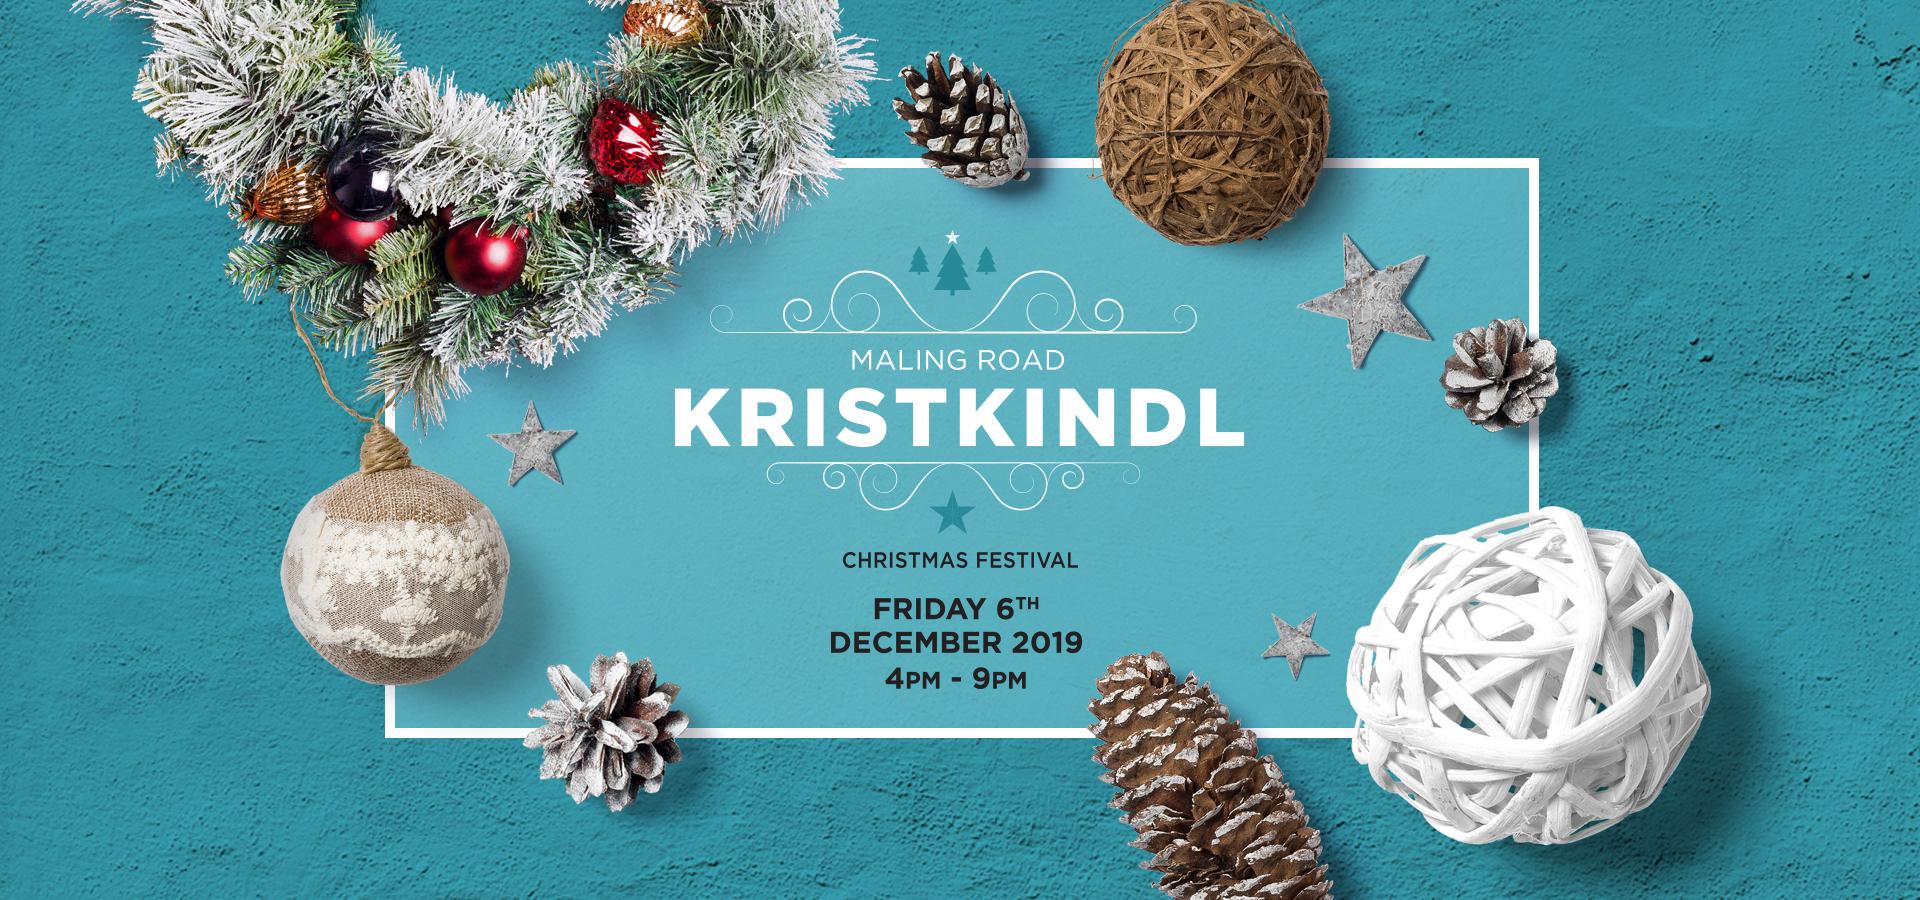 Maling-Road-Kristkindl-Festival-Banner-2019